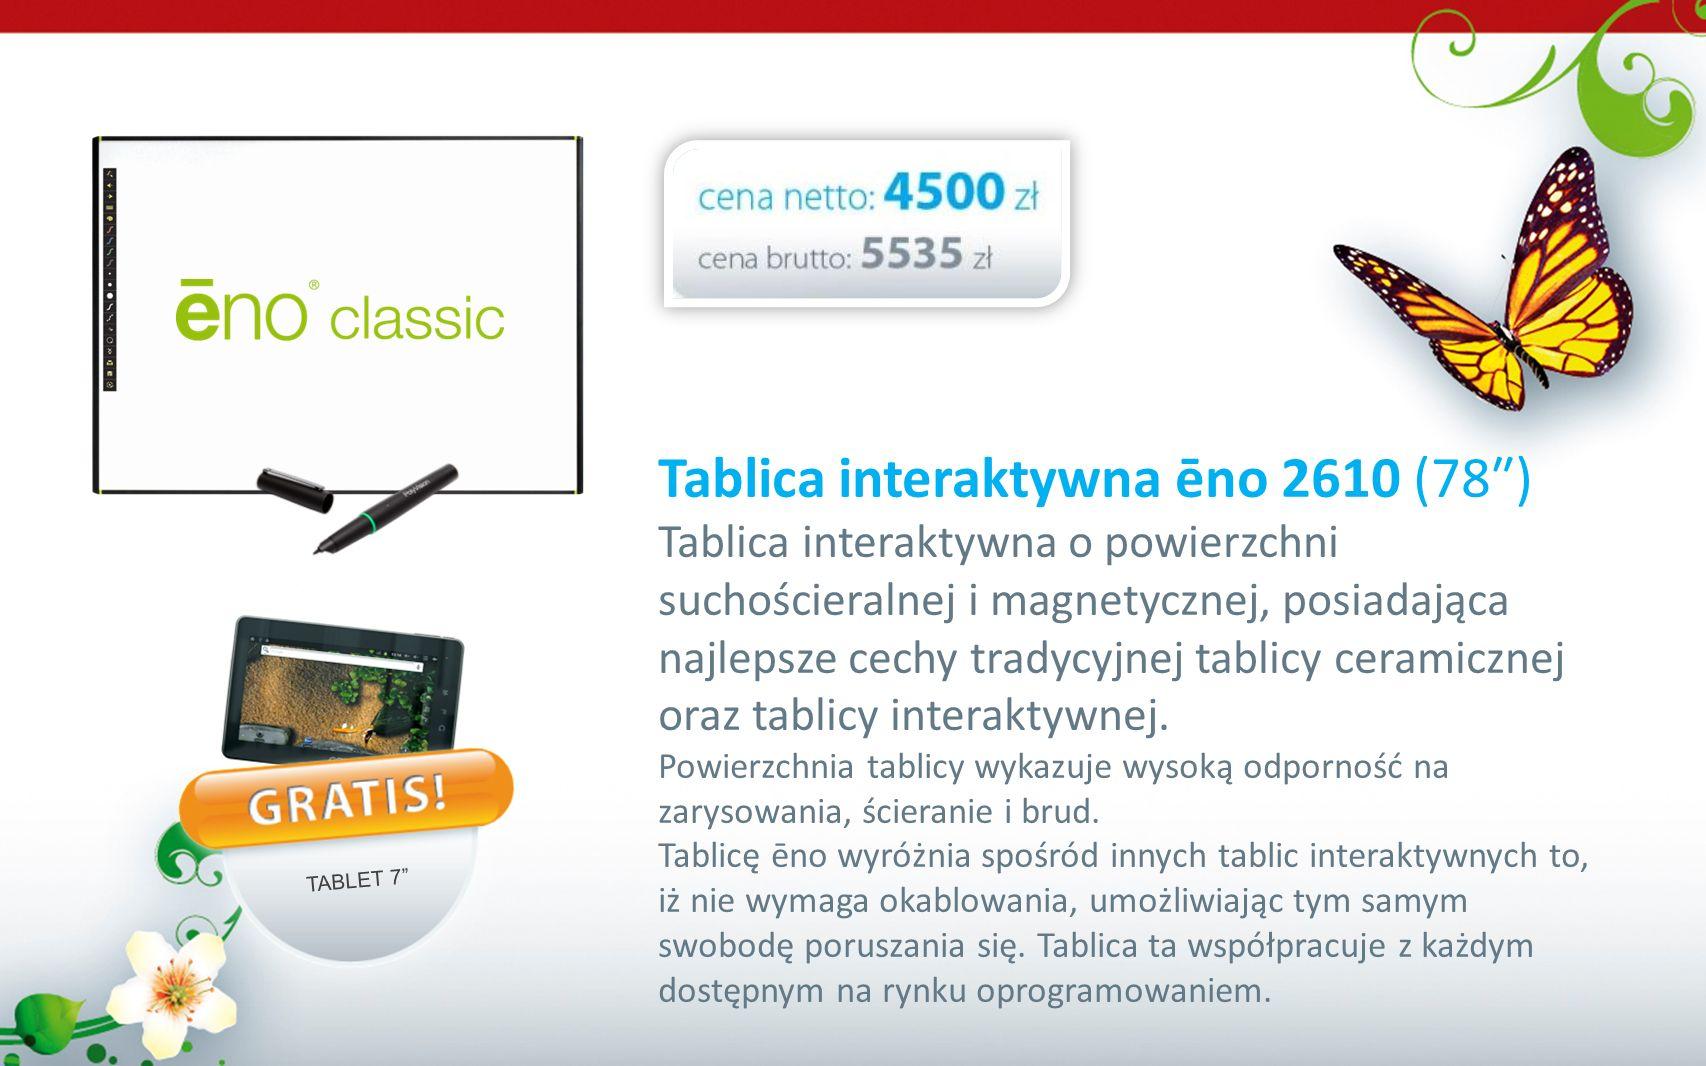 Tablica interaktywna ēno 2610 (78) Tablica interaktywna o powierzchni suchościeralnej i magnetycznej, posiadająca najlepsze cechy tradycyjnej tablicy